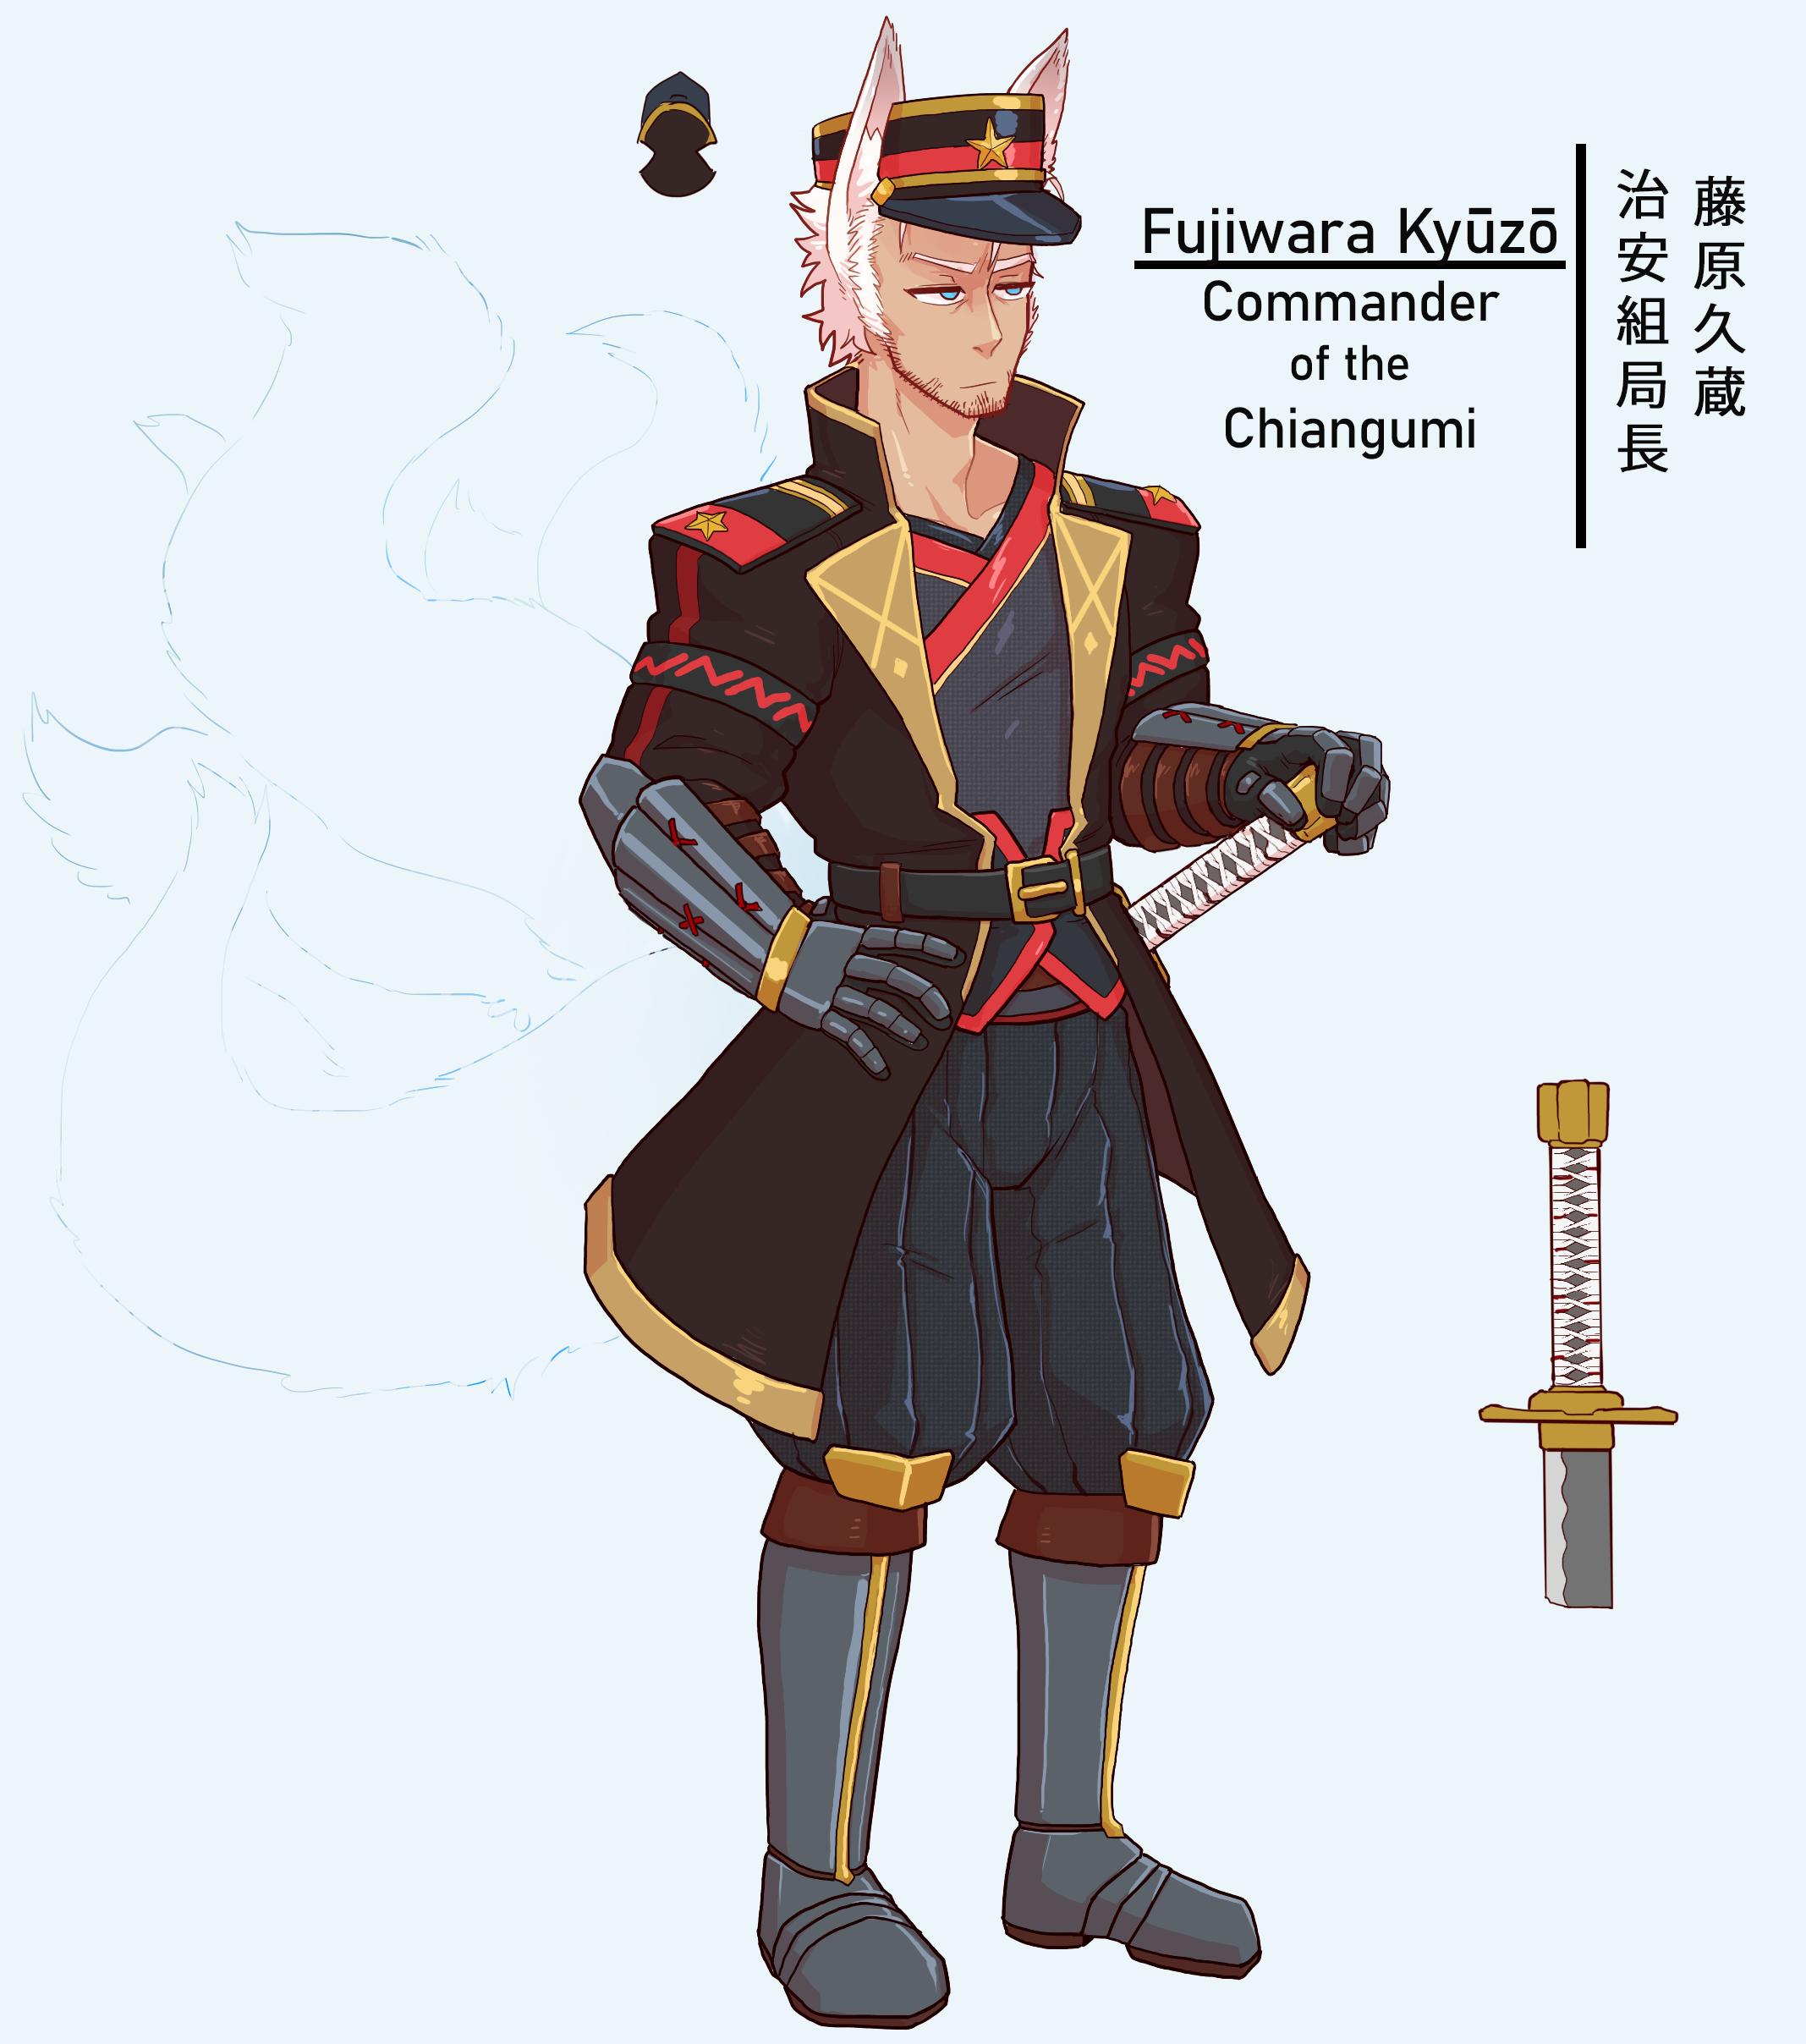 Fujiwara Kyuzou